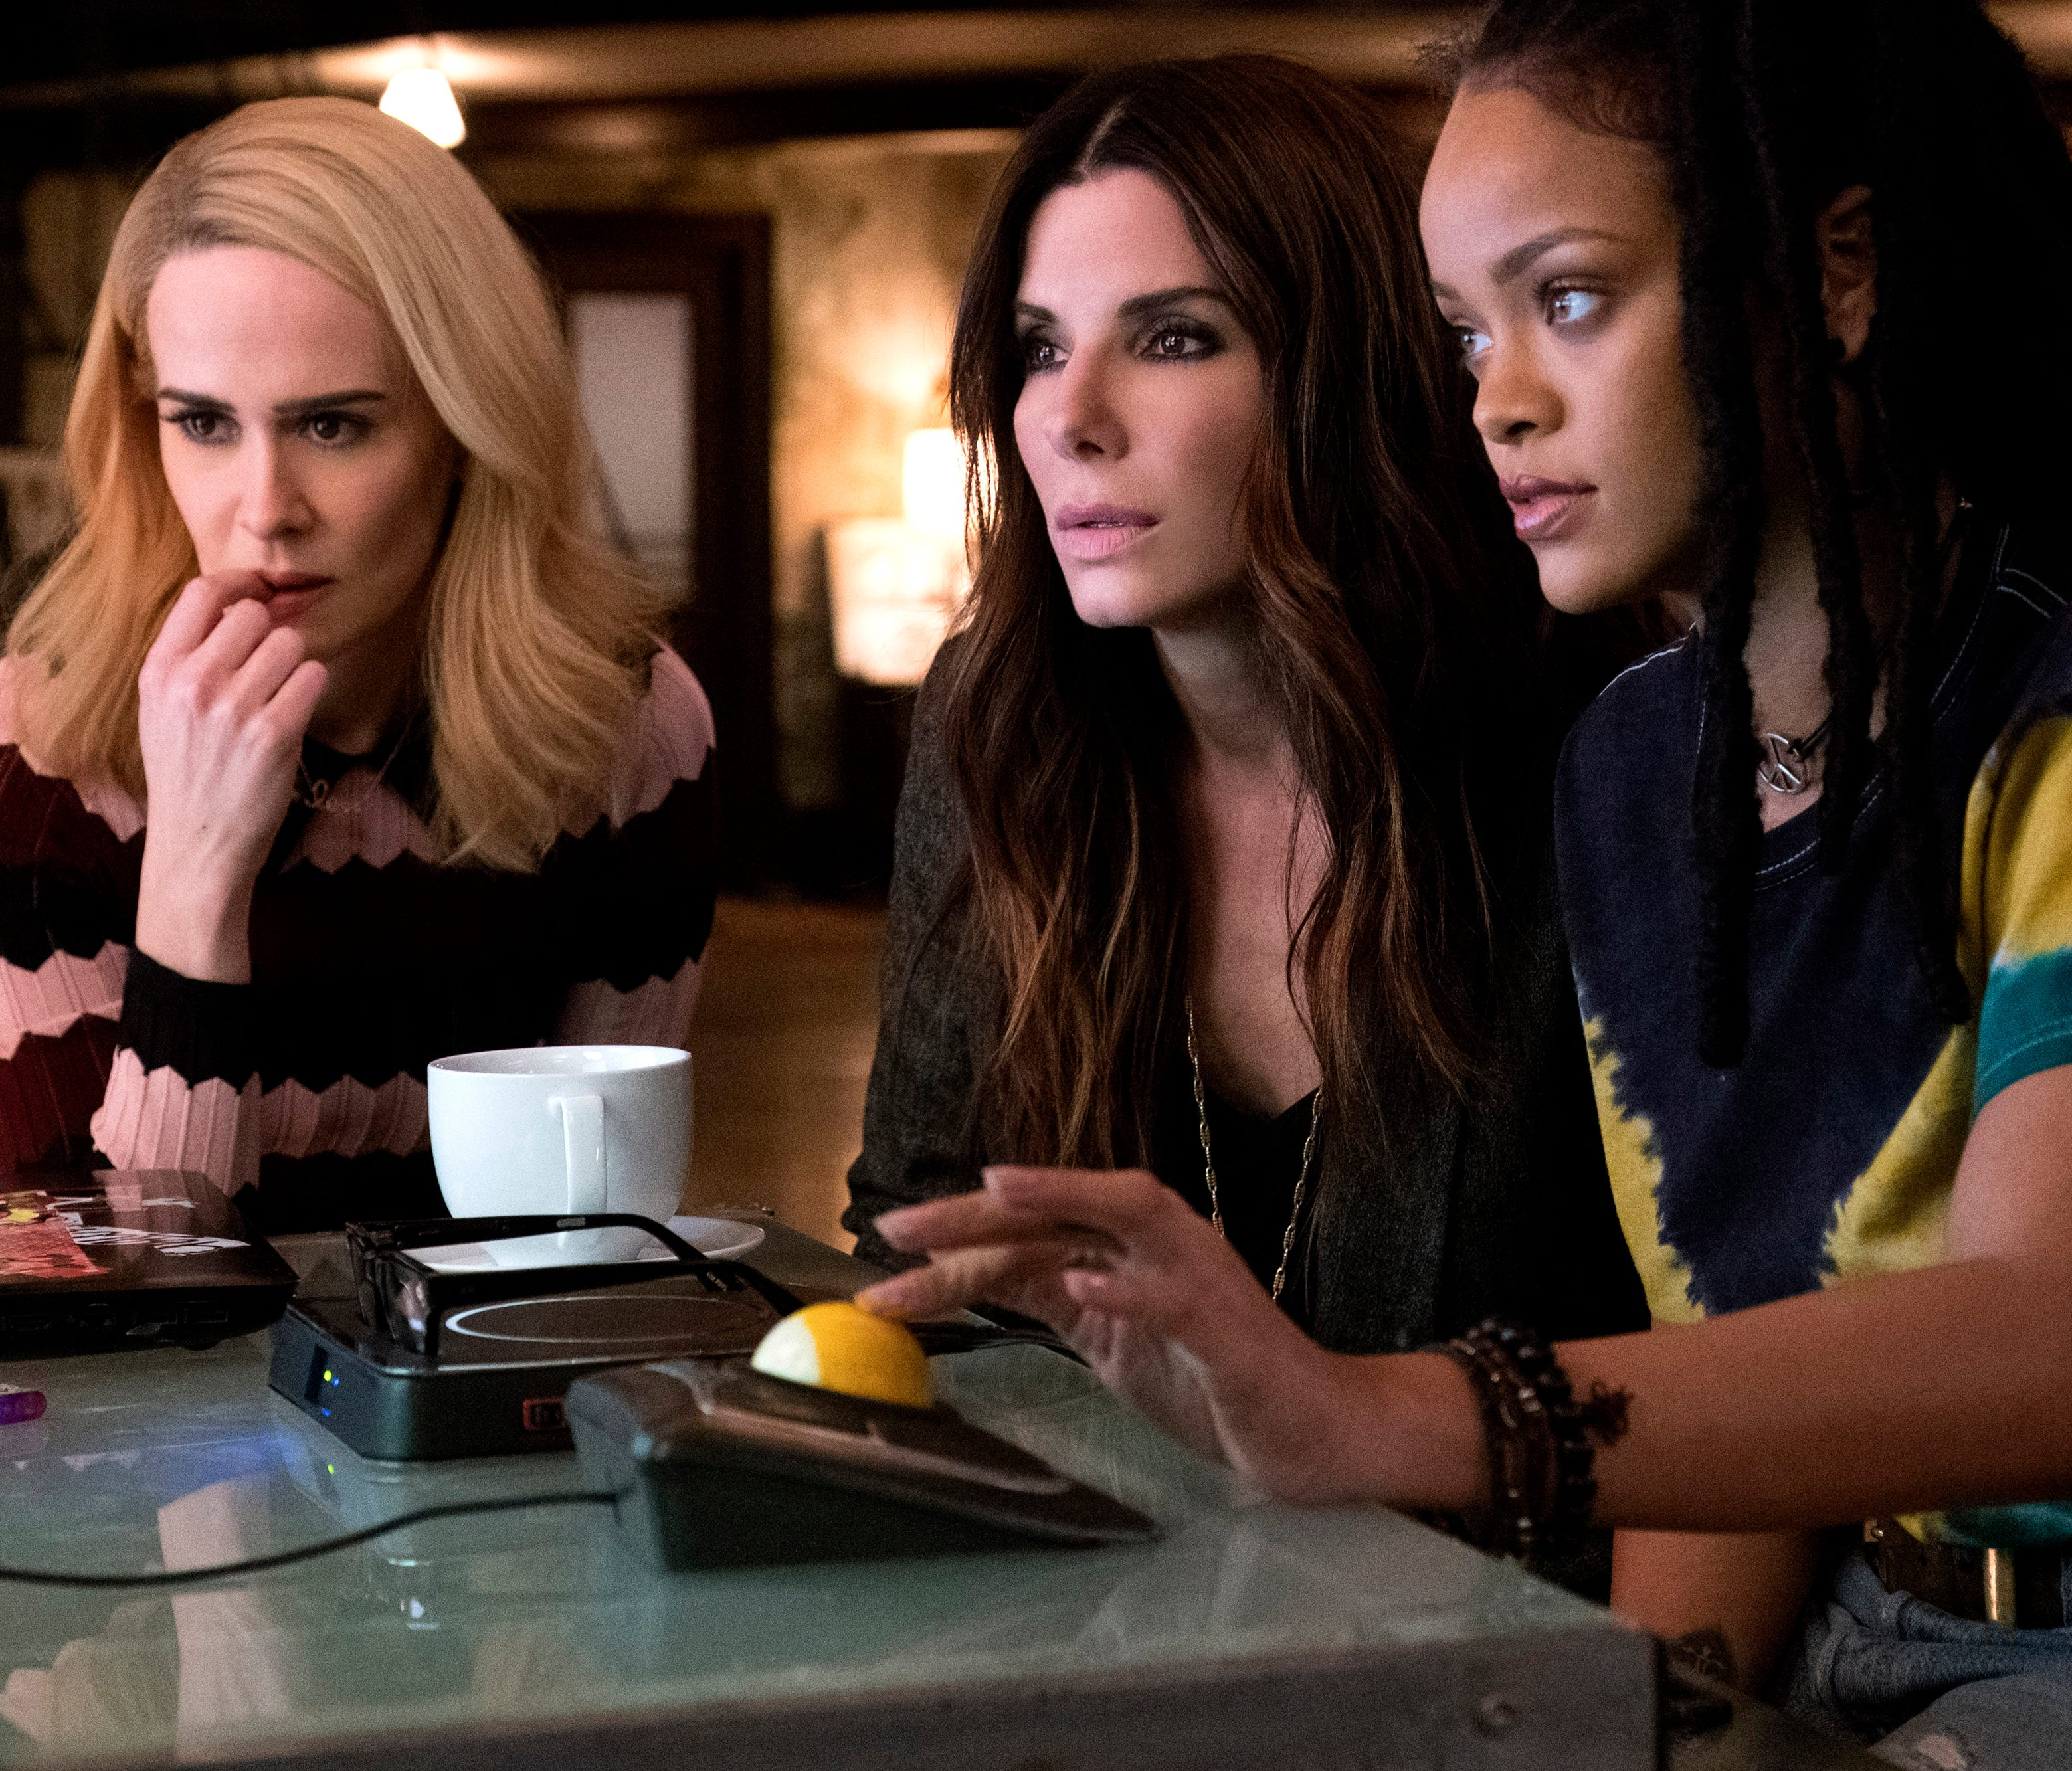 Sarah Paulson (left), Sandra Bullock and Rihanna star in the heist comedy